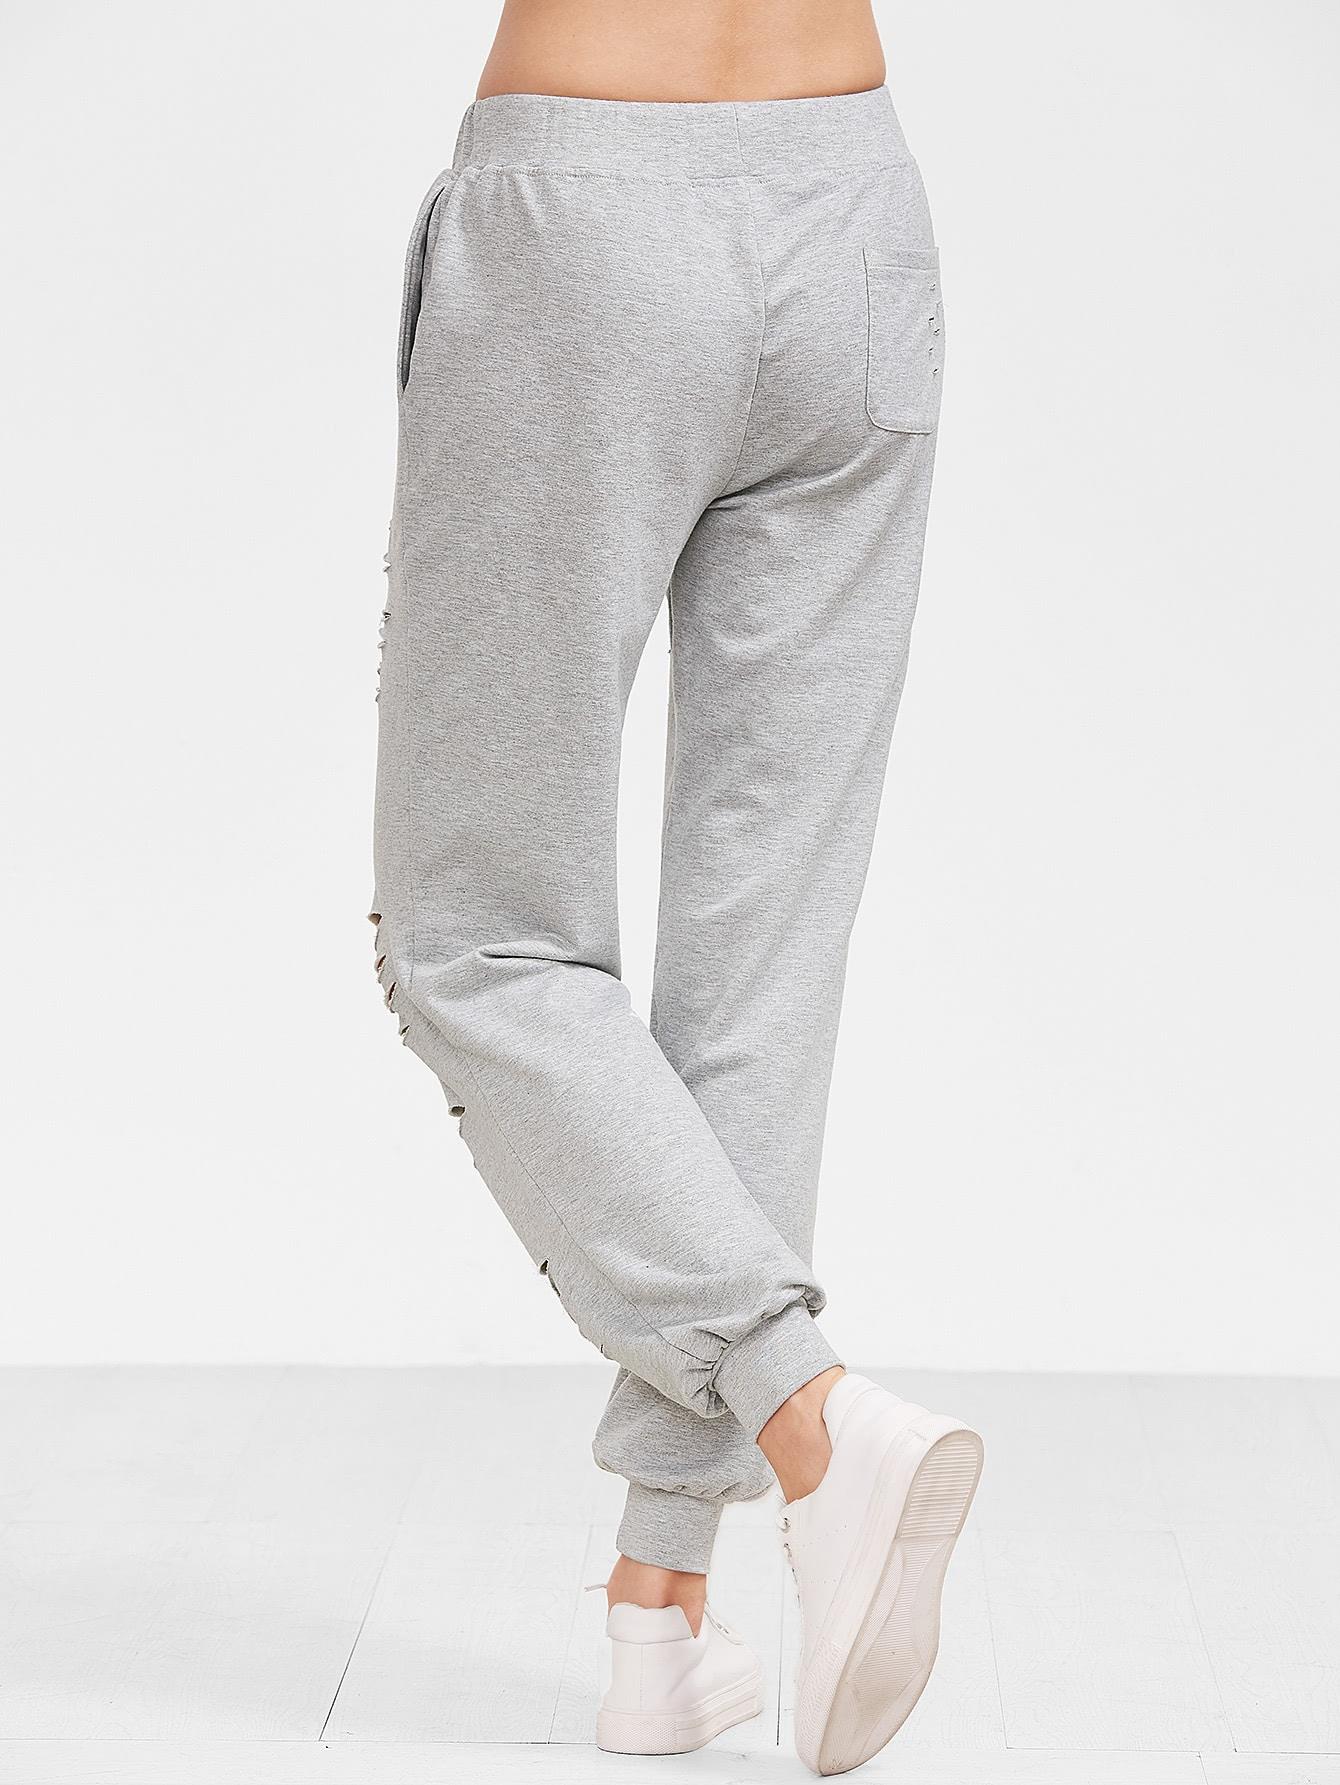 pants170222701_2